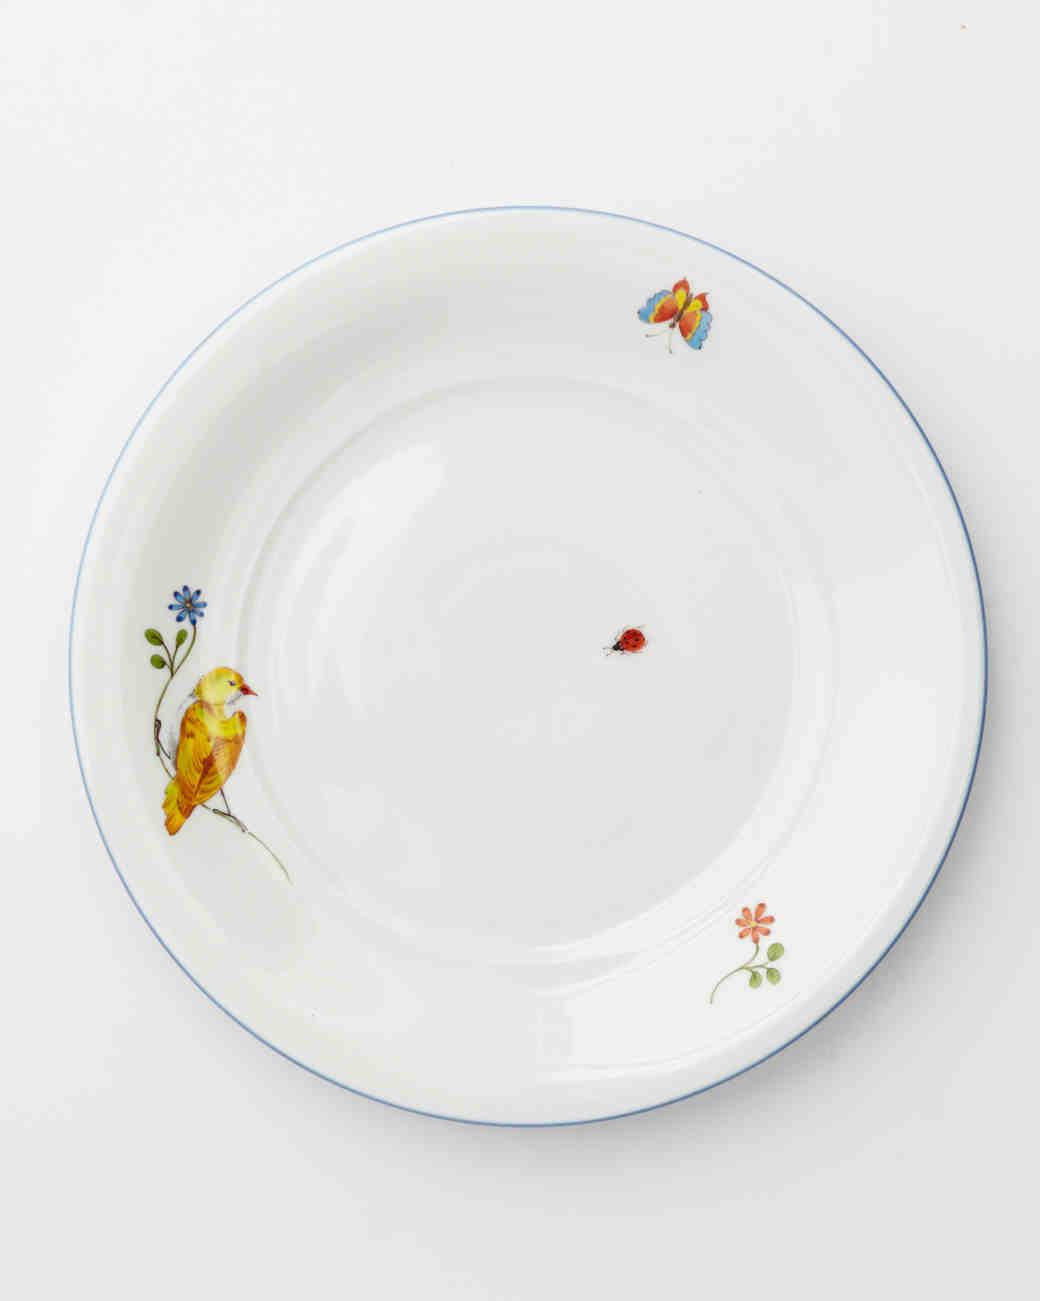 china-registry-vintage-charm-neue-gallery-dinnerware-001-d111317-1014.jpg